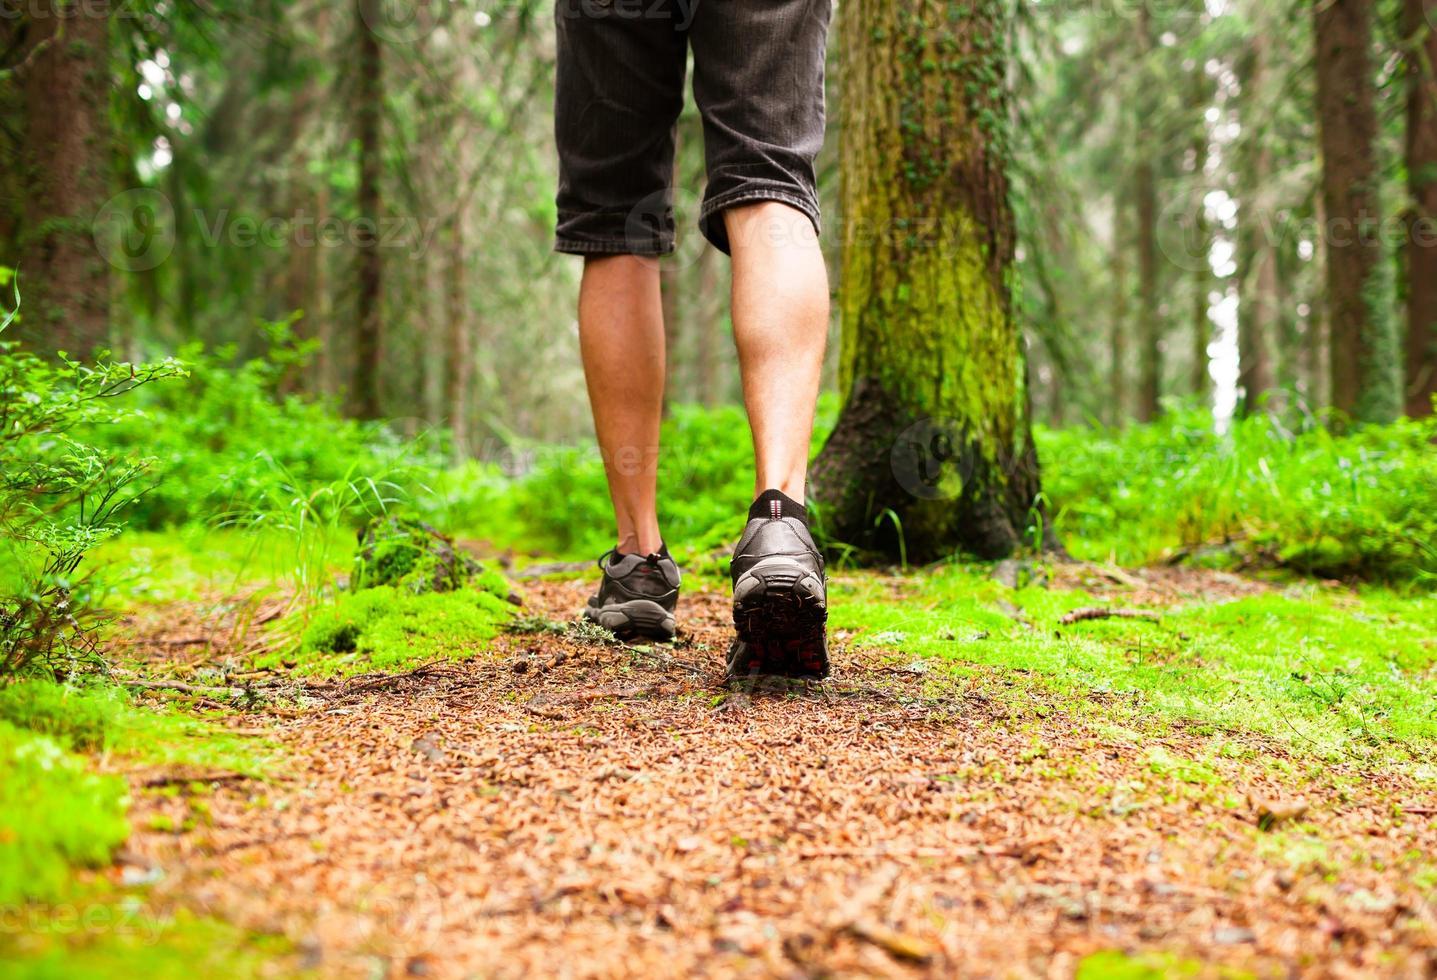 randonnée dans les bois photo